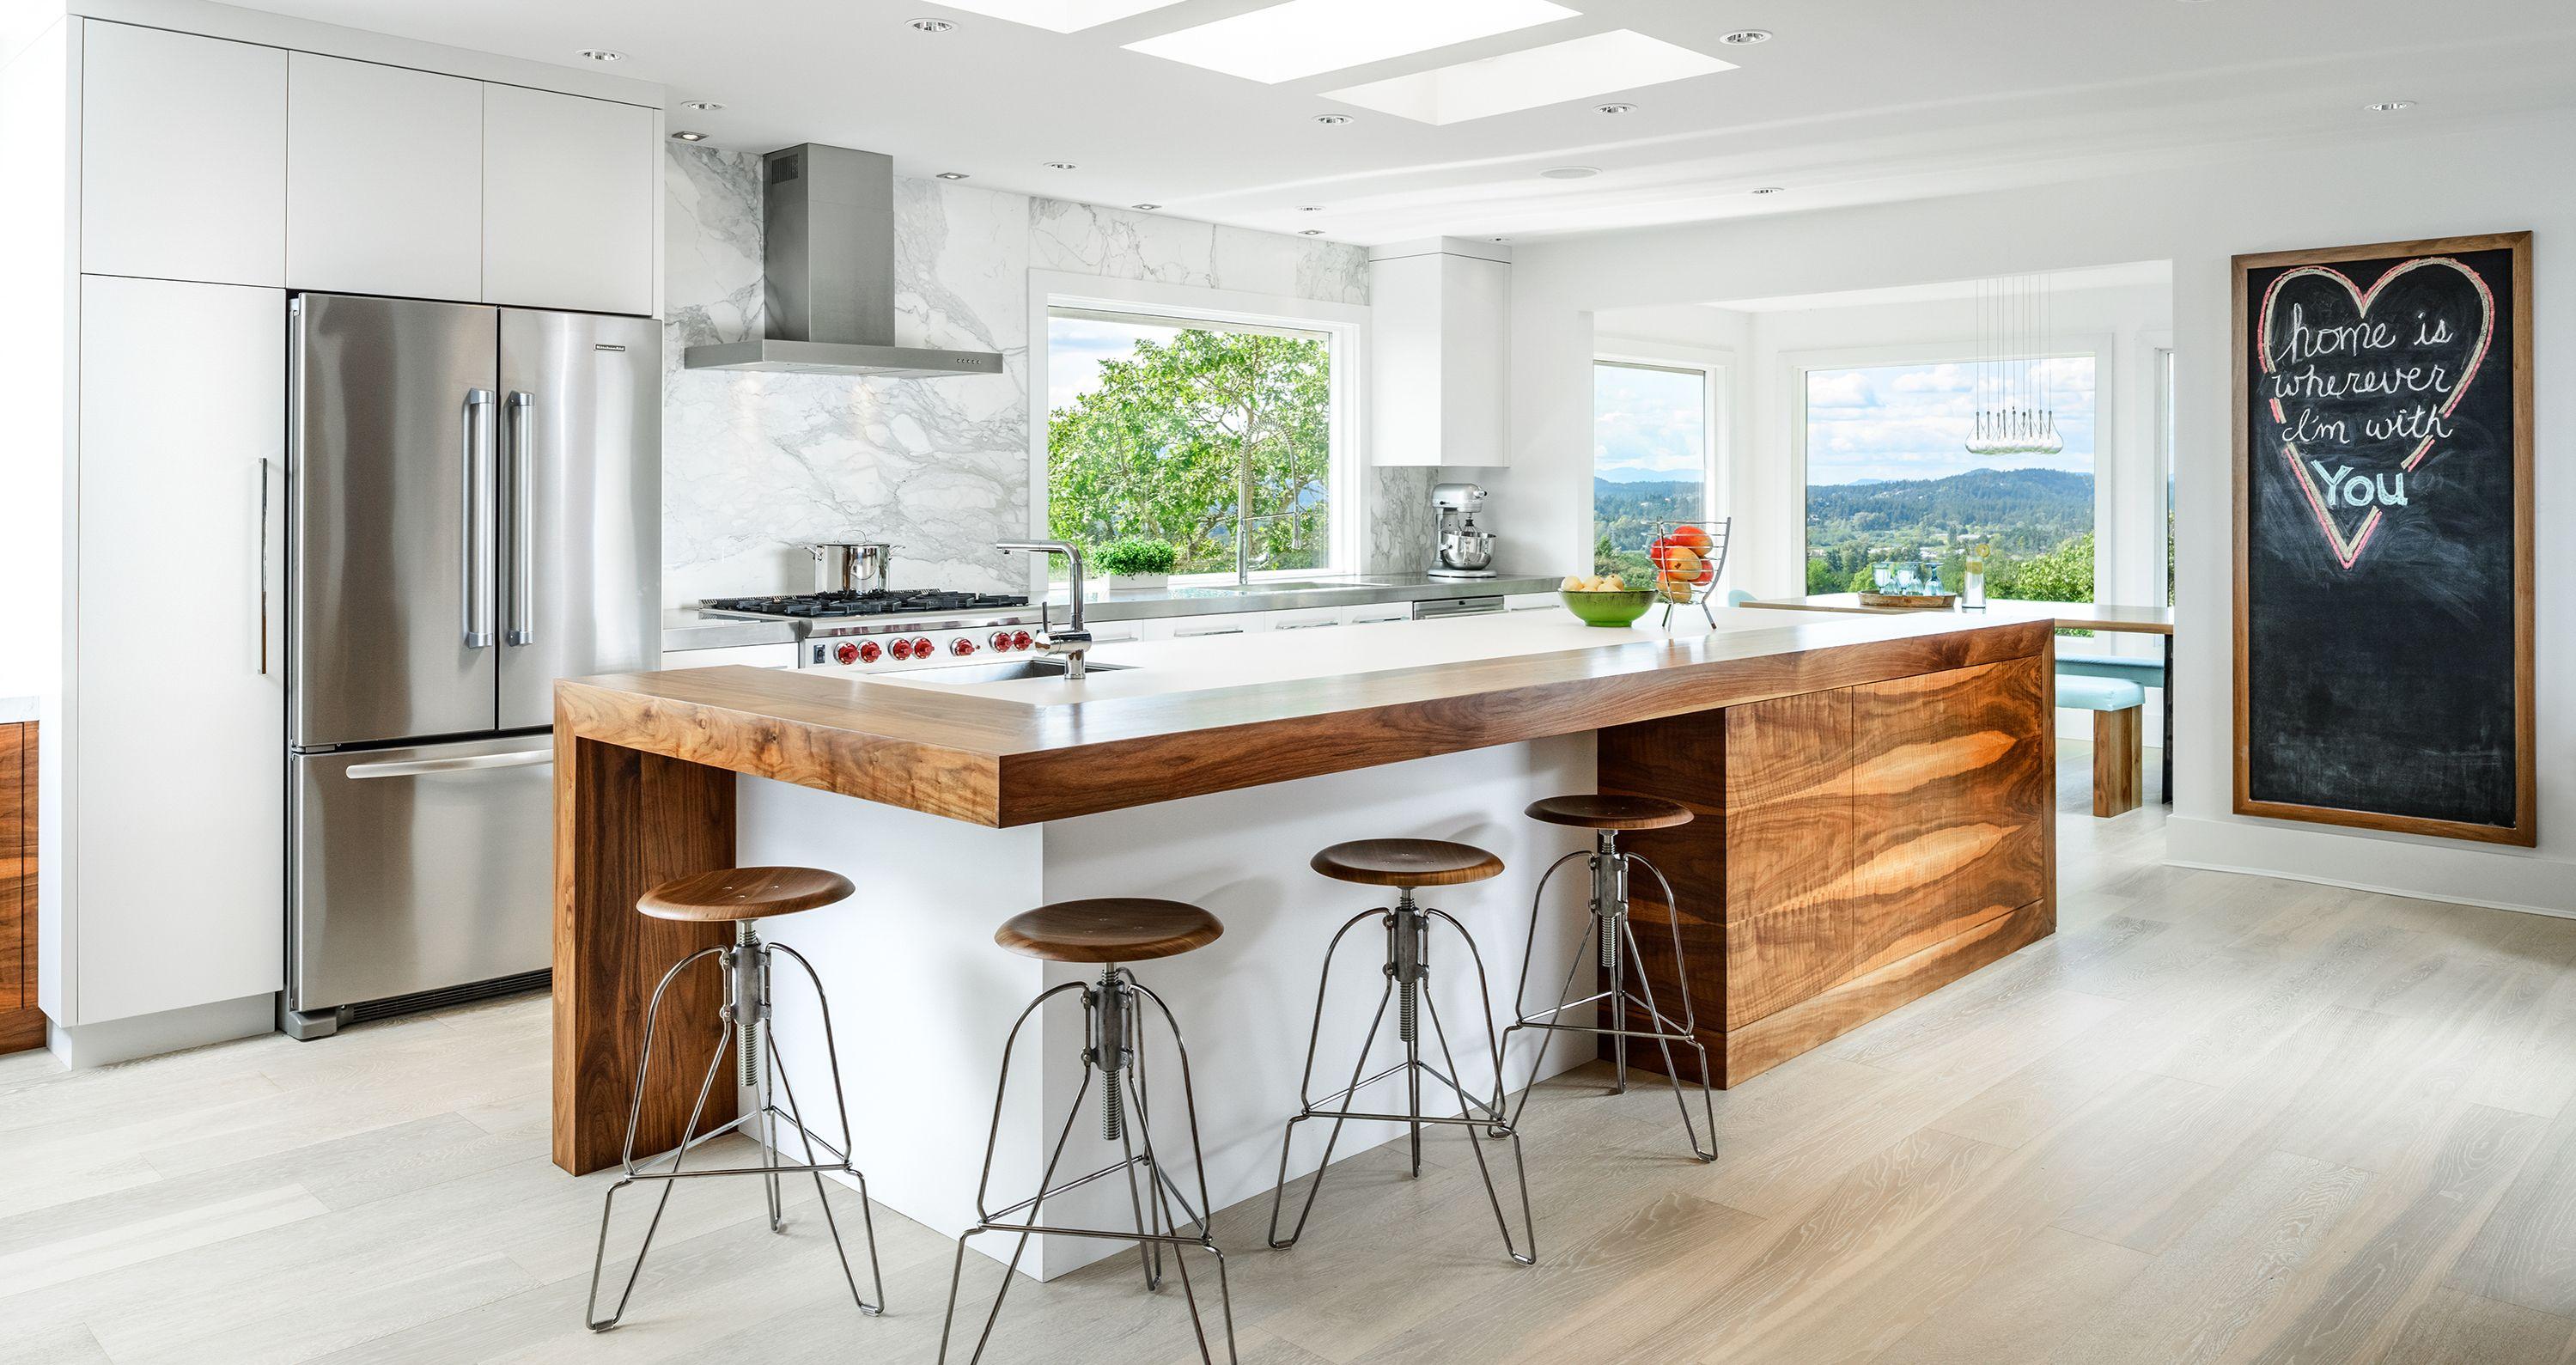 Kitchen And Bath Design In 2015 What S Hot What S Not Kitchen Design Trends Modern Kitchen Island Modern Kitchen Design Kitchen designs for 2015